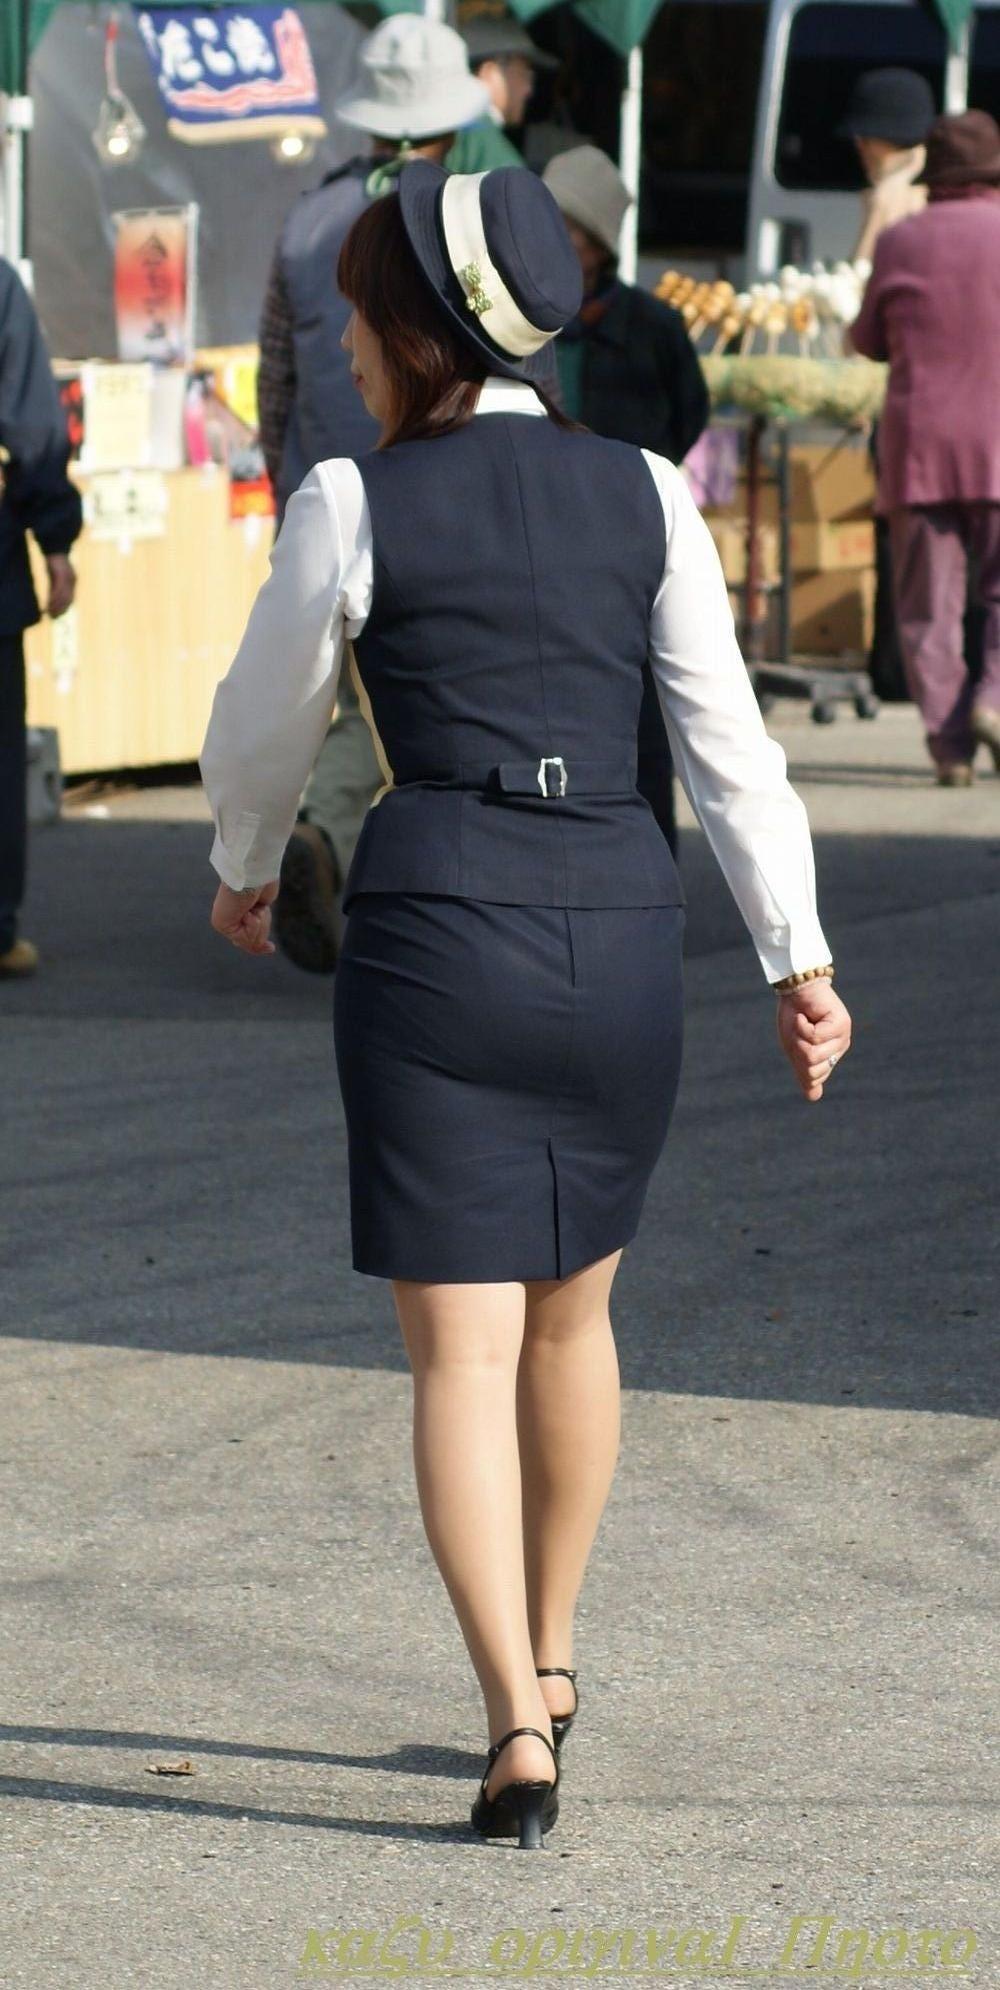 【働く女性画像】ムチムチ率高めwwwバスガイドさんのタイトスカート着衣尻 05